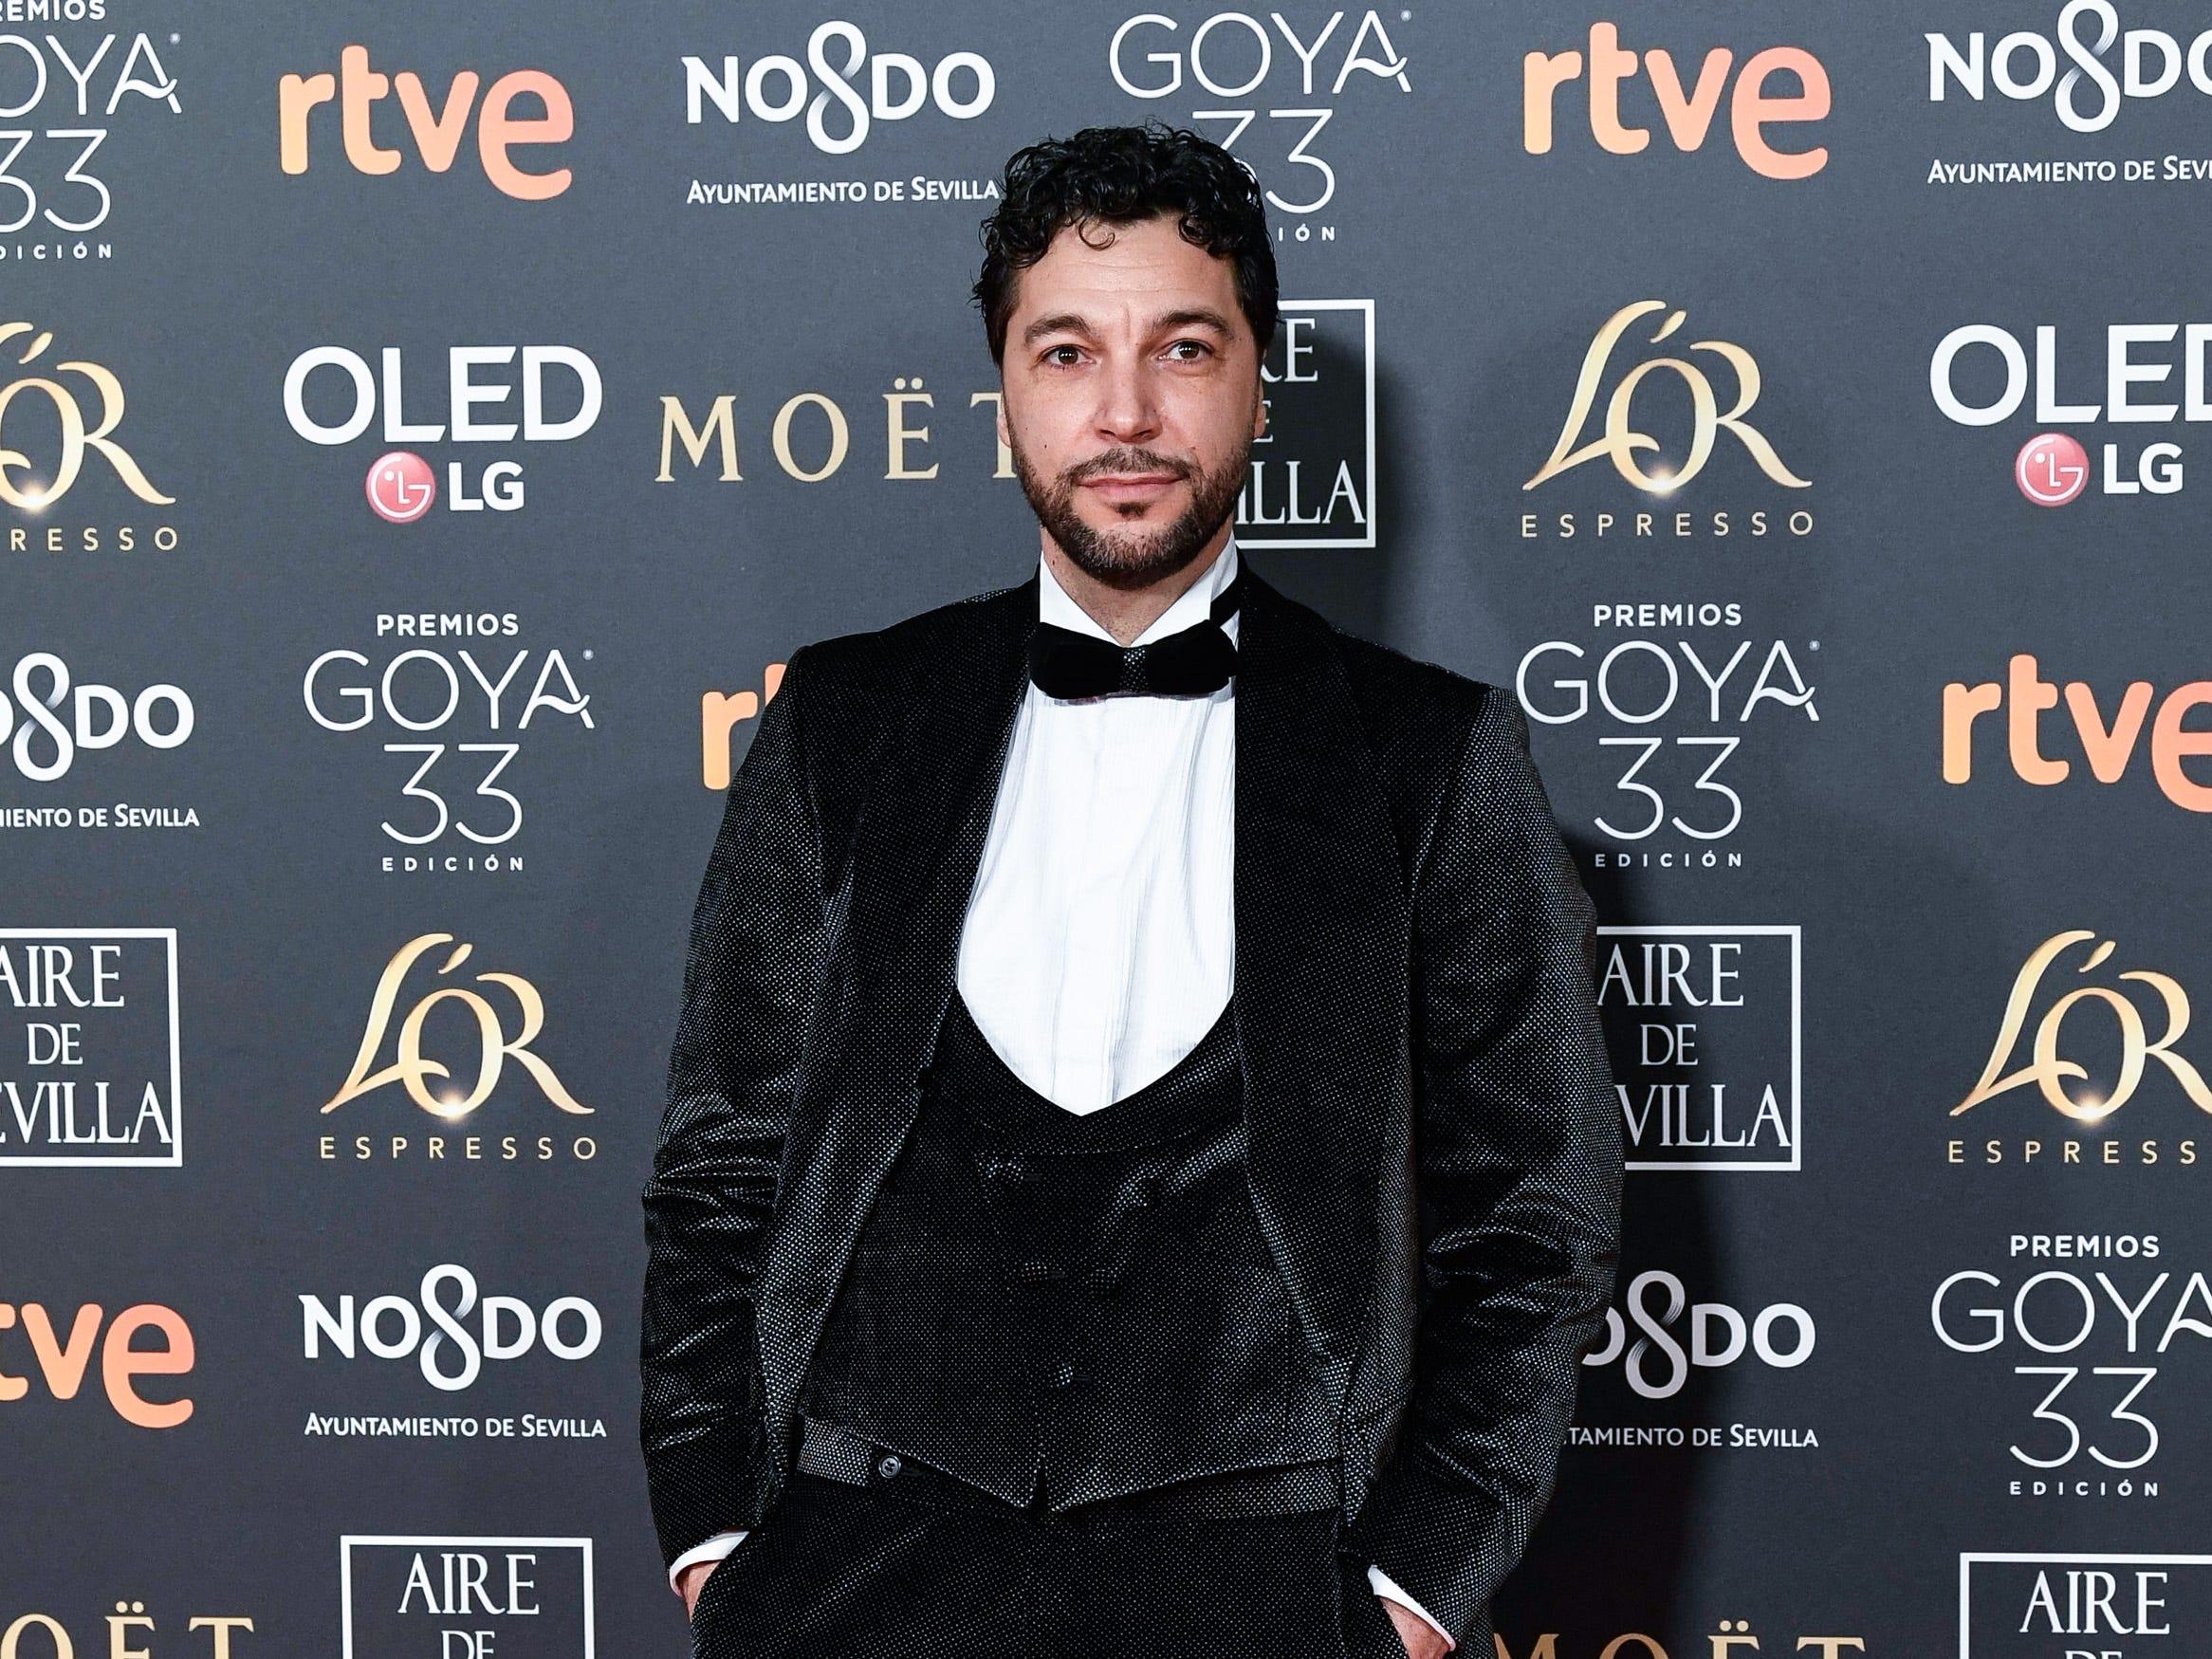 Iván Palomares asiste a la 33ª edición de los Premios de Cine Goya en el Palacio de Congresos y Exposiciones FIBES el 2 de febrero de 2019 en Sevilla, España.